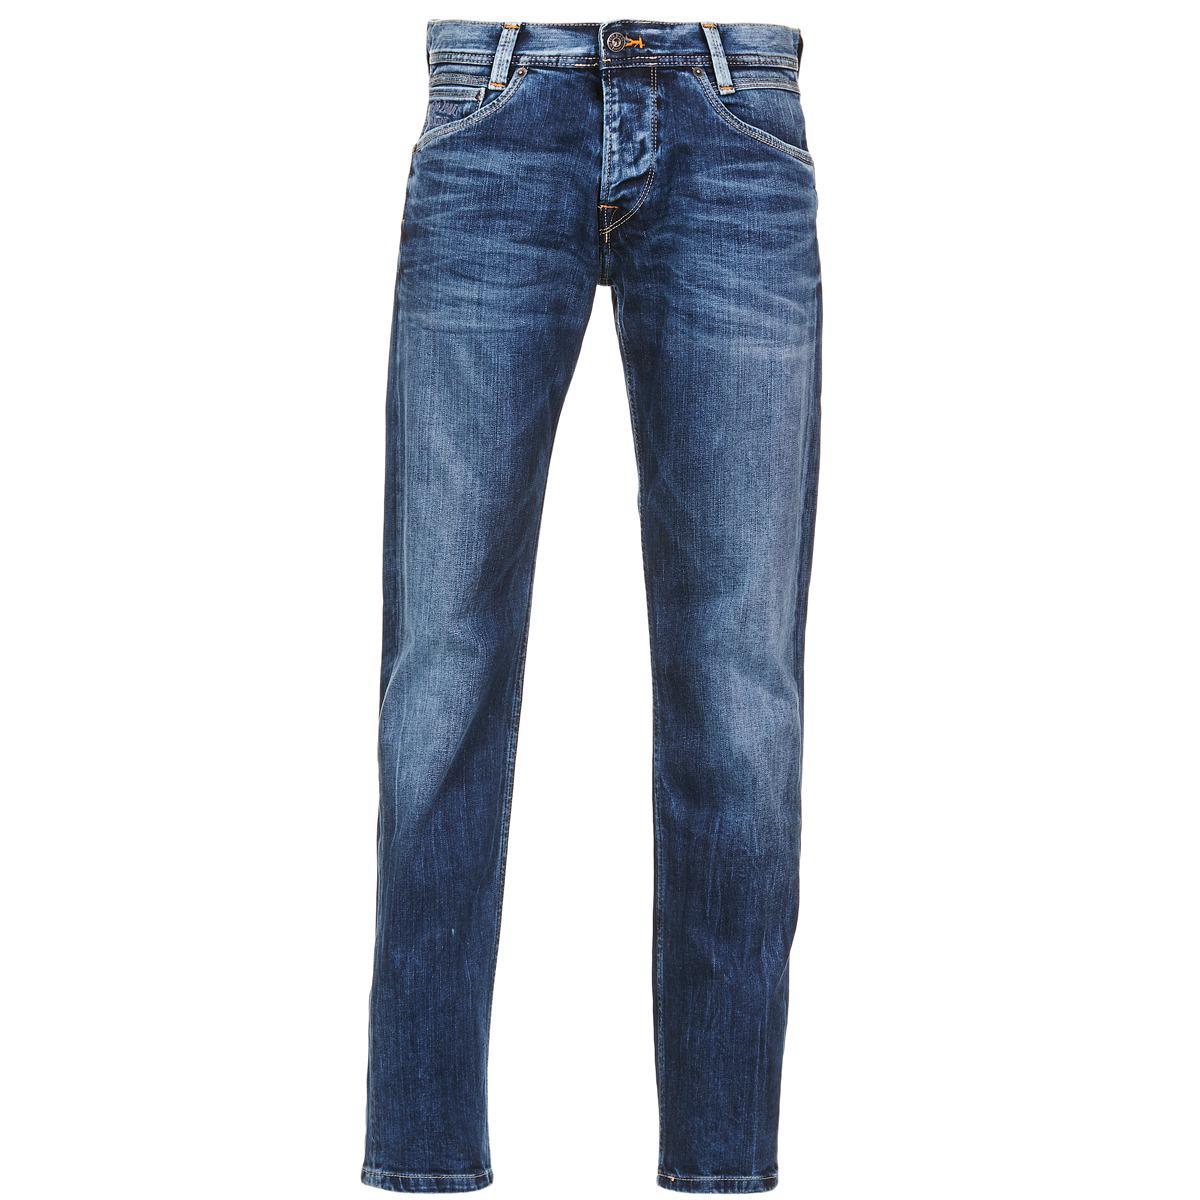 6b493f3baff Pepe Jeans Spike Men s Jeans In Blue in Blue for Men - Lyst